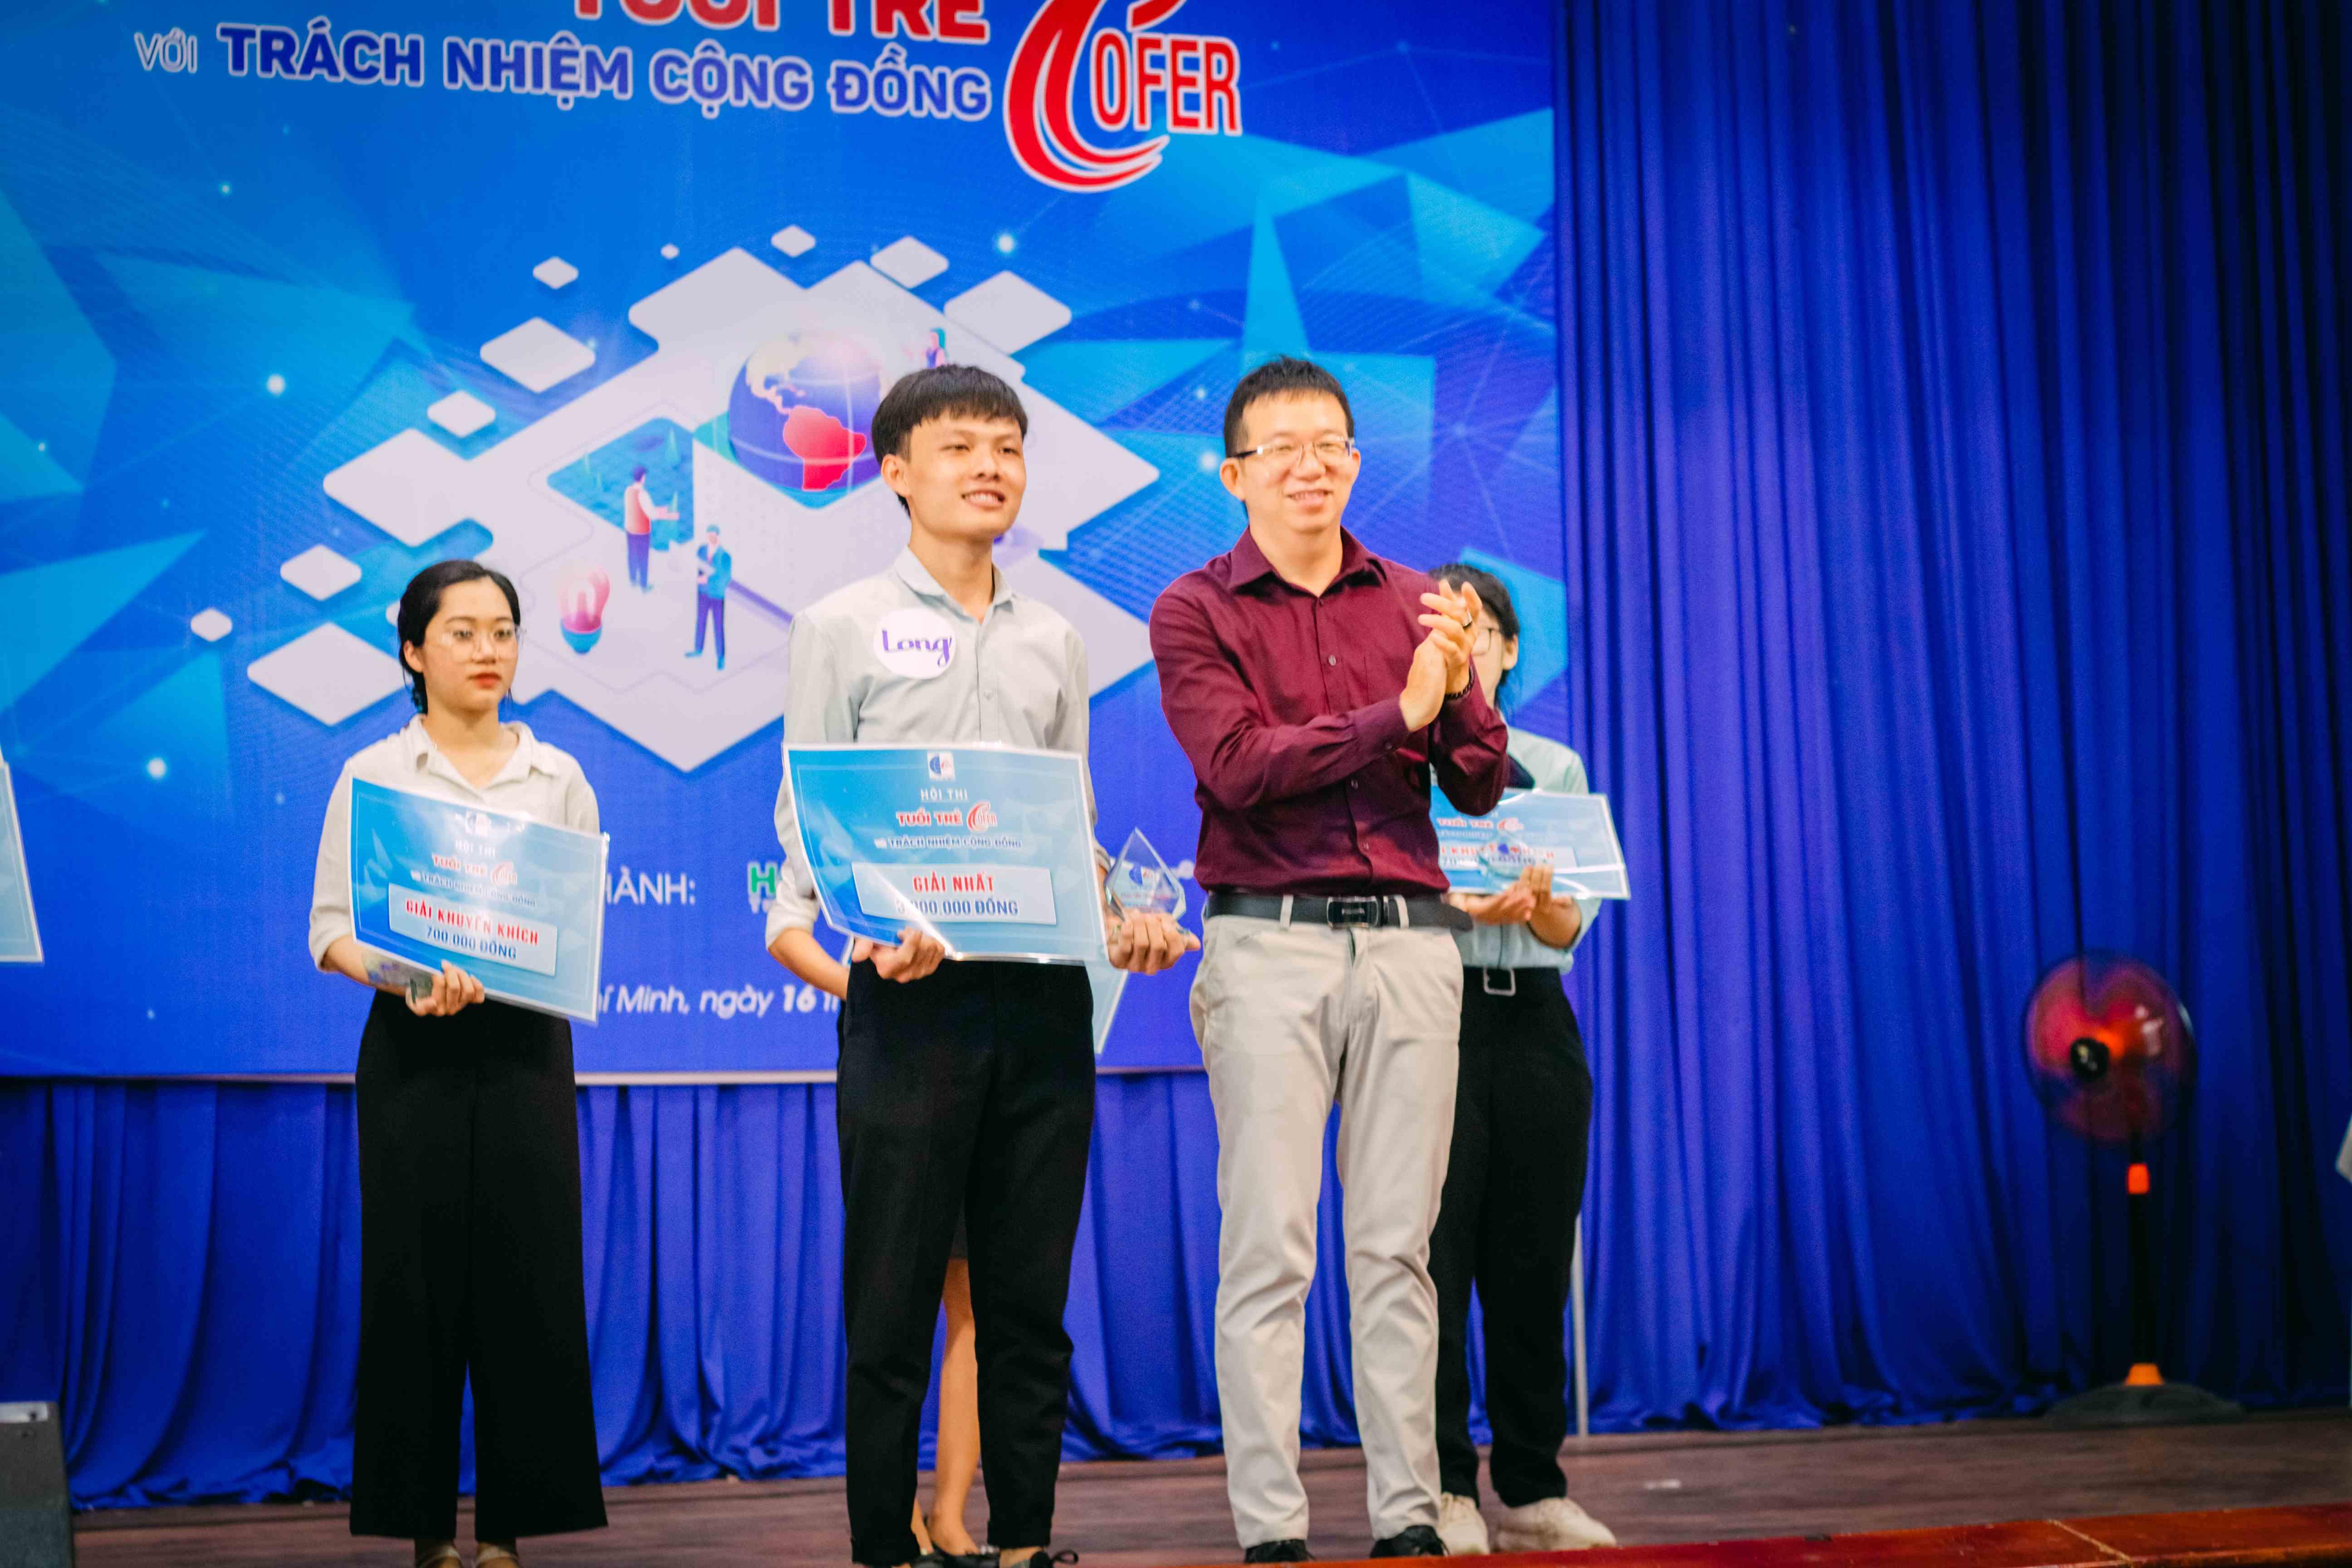 Giải Nhất Cuộc thi đã thuộc về Đào Thành Long – lớp CĐQTDN22I